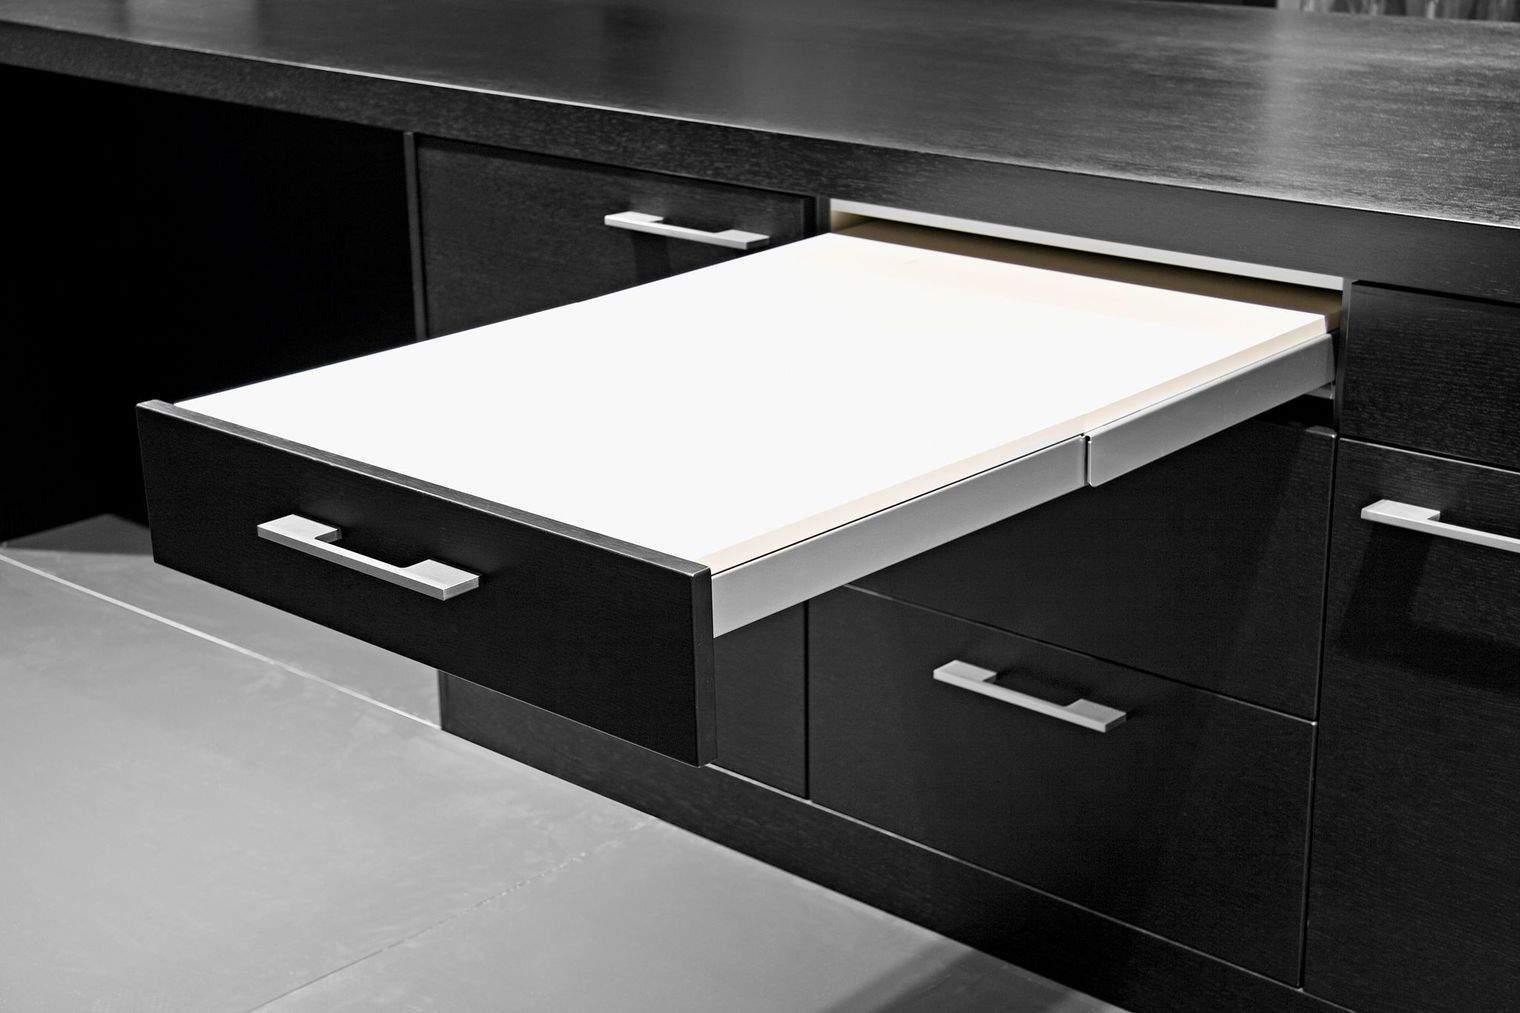 La cuisine une pi ce bien pens e - Table cuisine escamotable tiroir ...